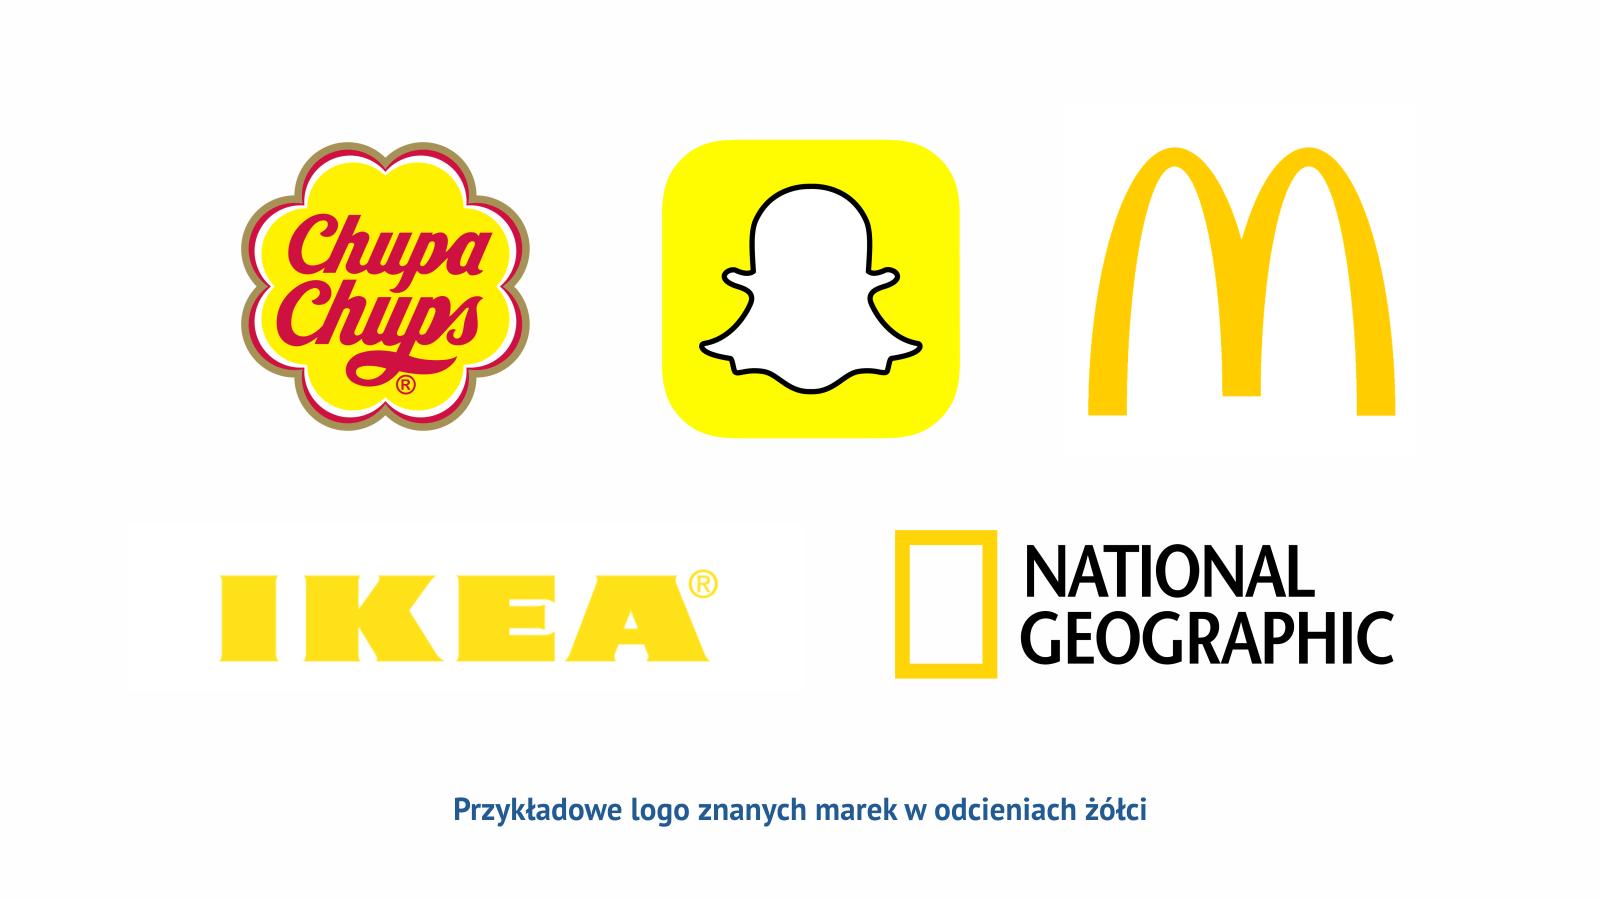 Zolty Przyklady Logo